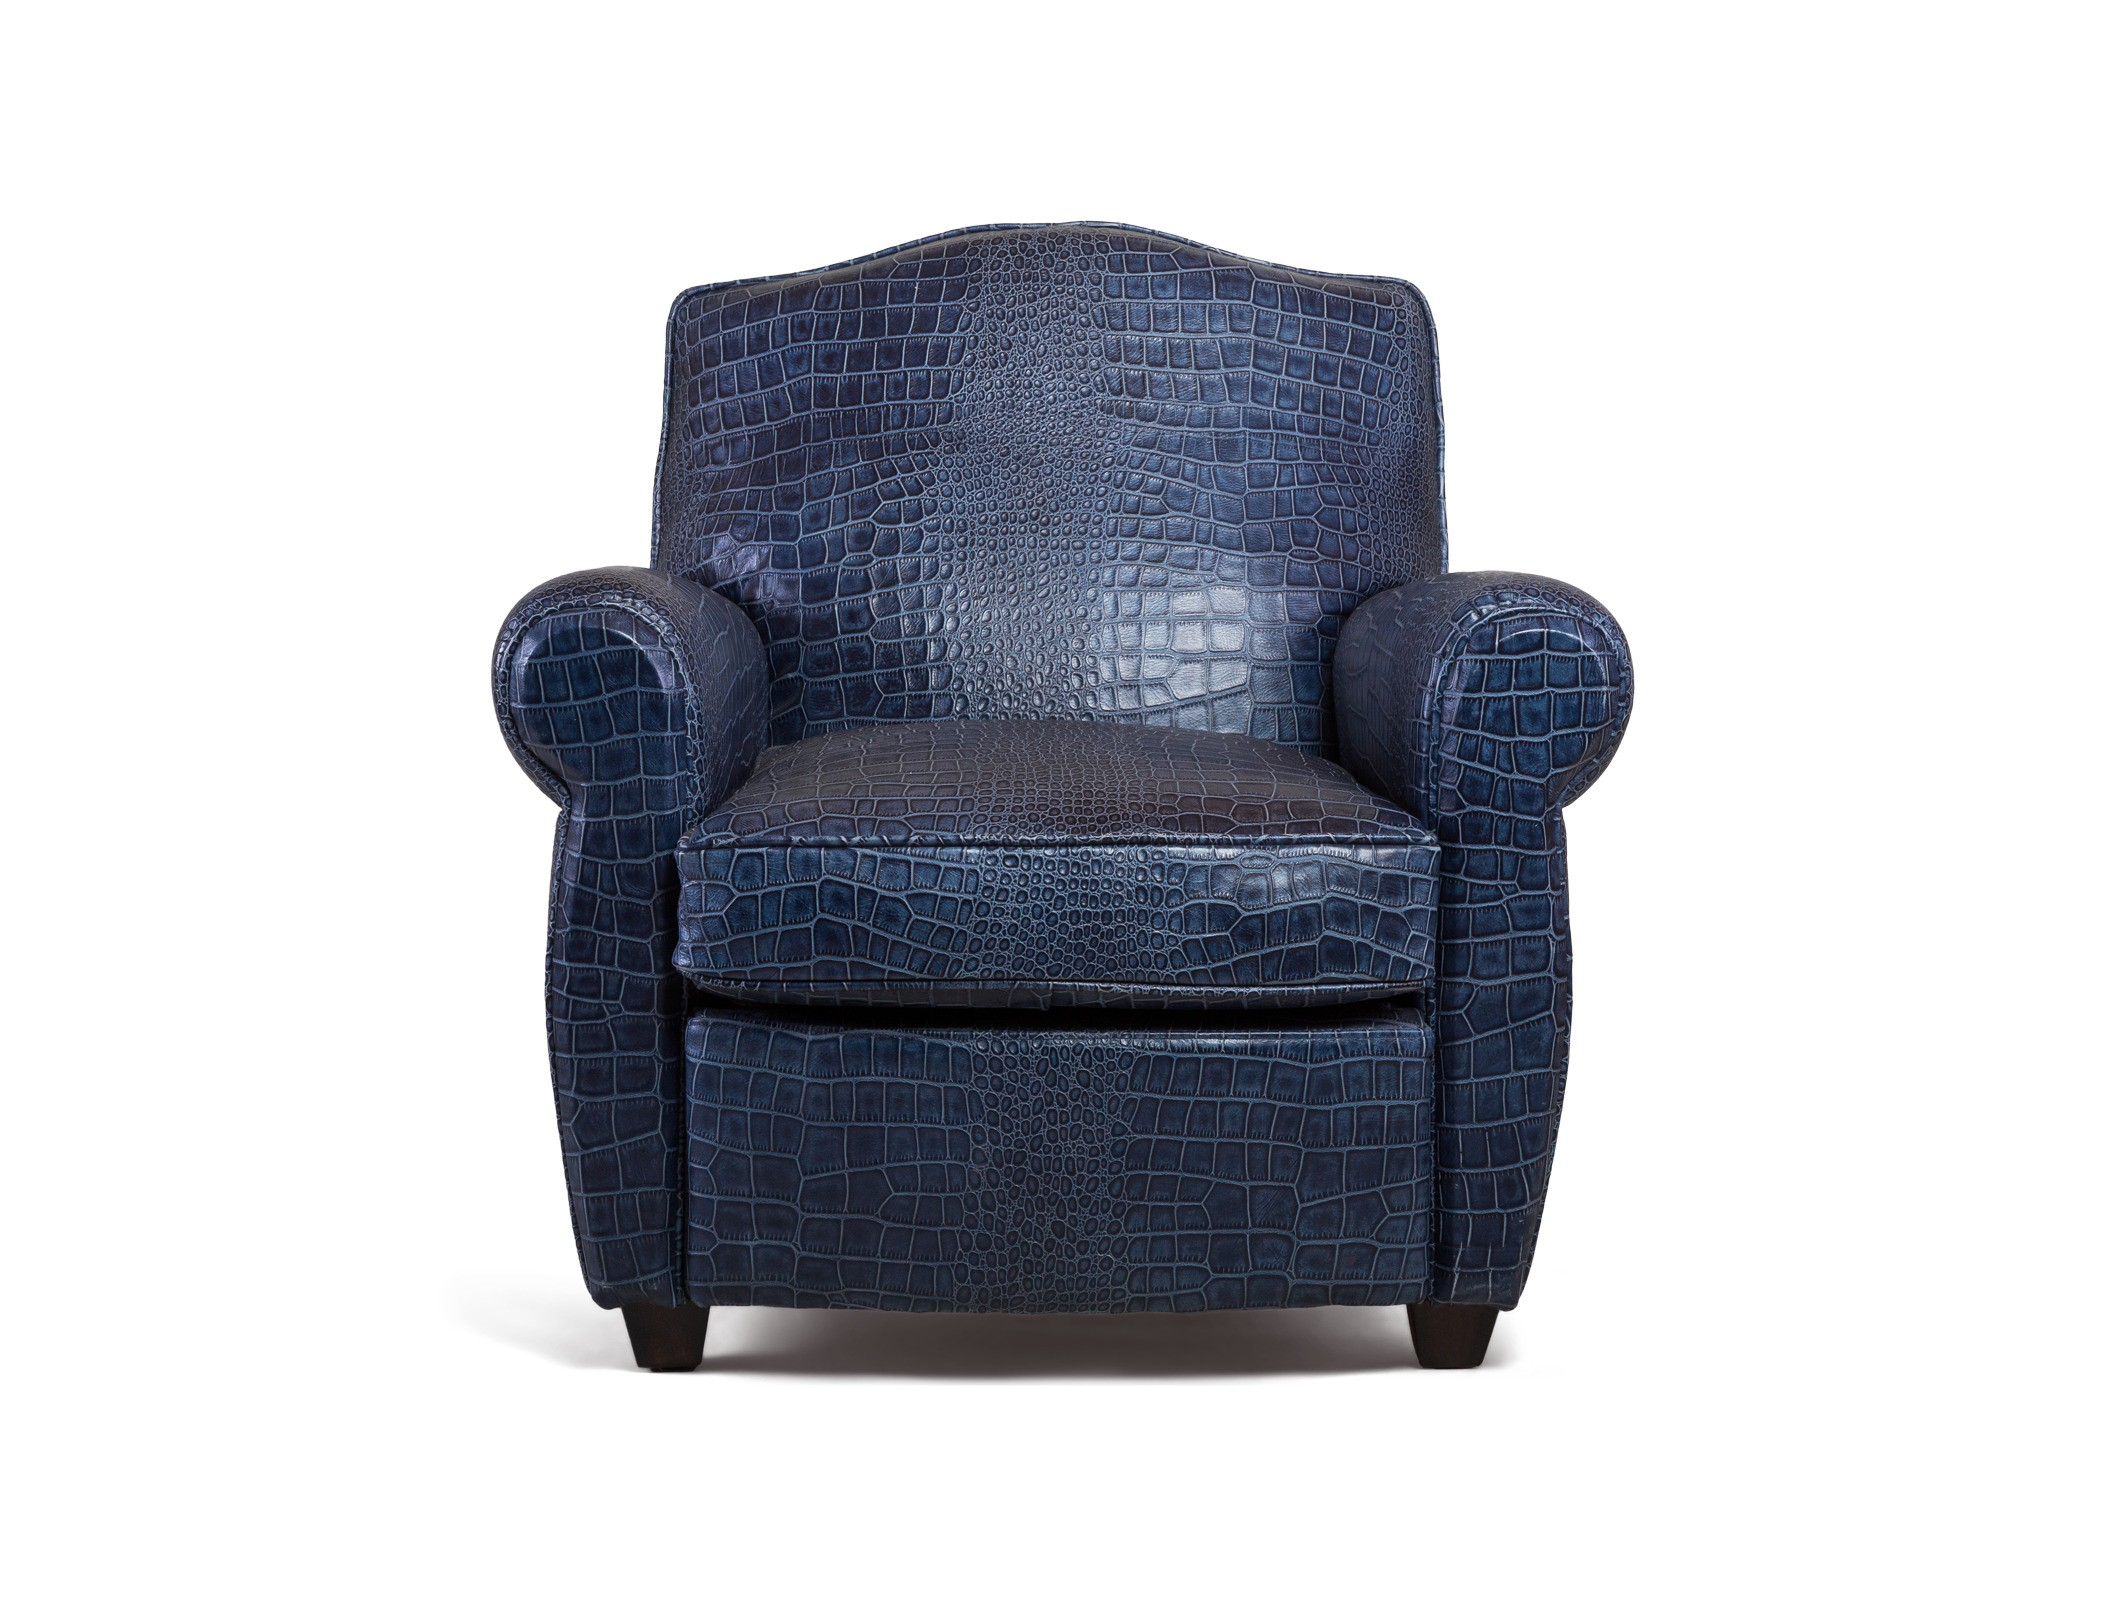 Кресло CrocobaltoИнтерьерные кресла<br><br><br>Material: Кожа<br>Ширина см: 82<br>Высота см: 82<br>Глубина см: 90